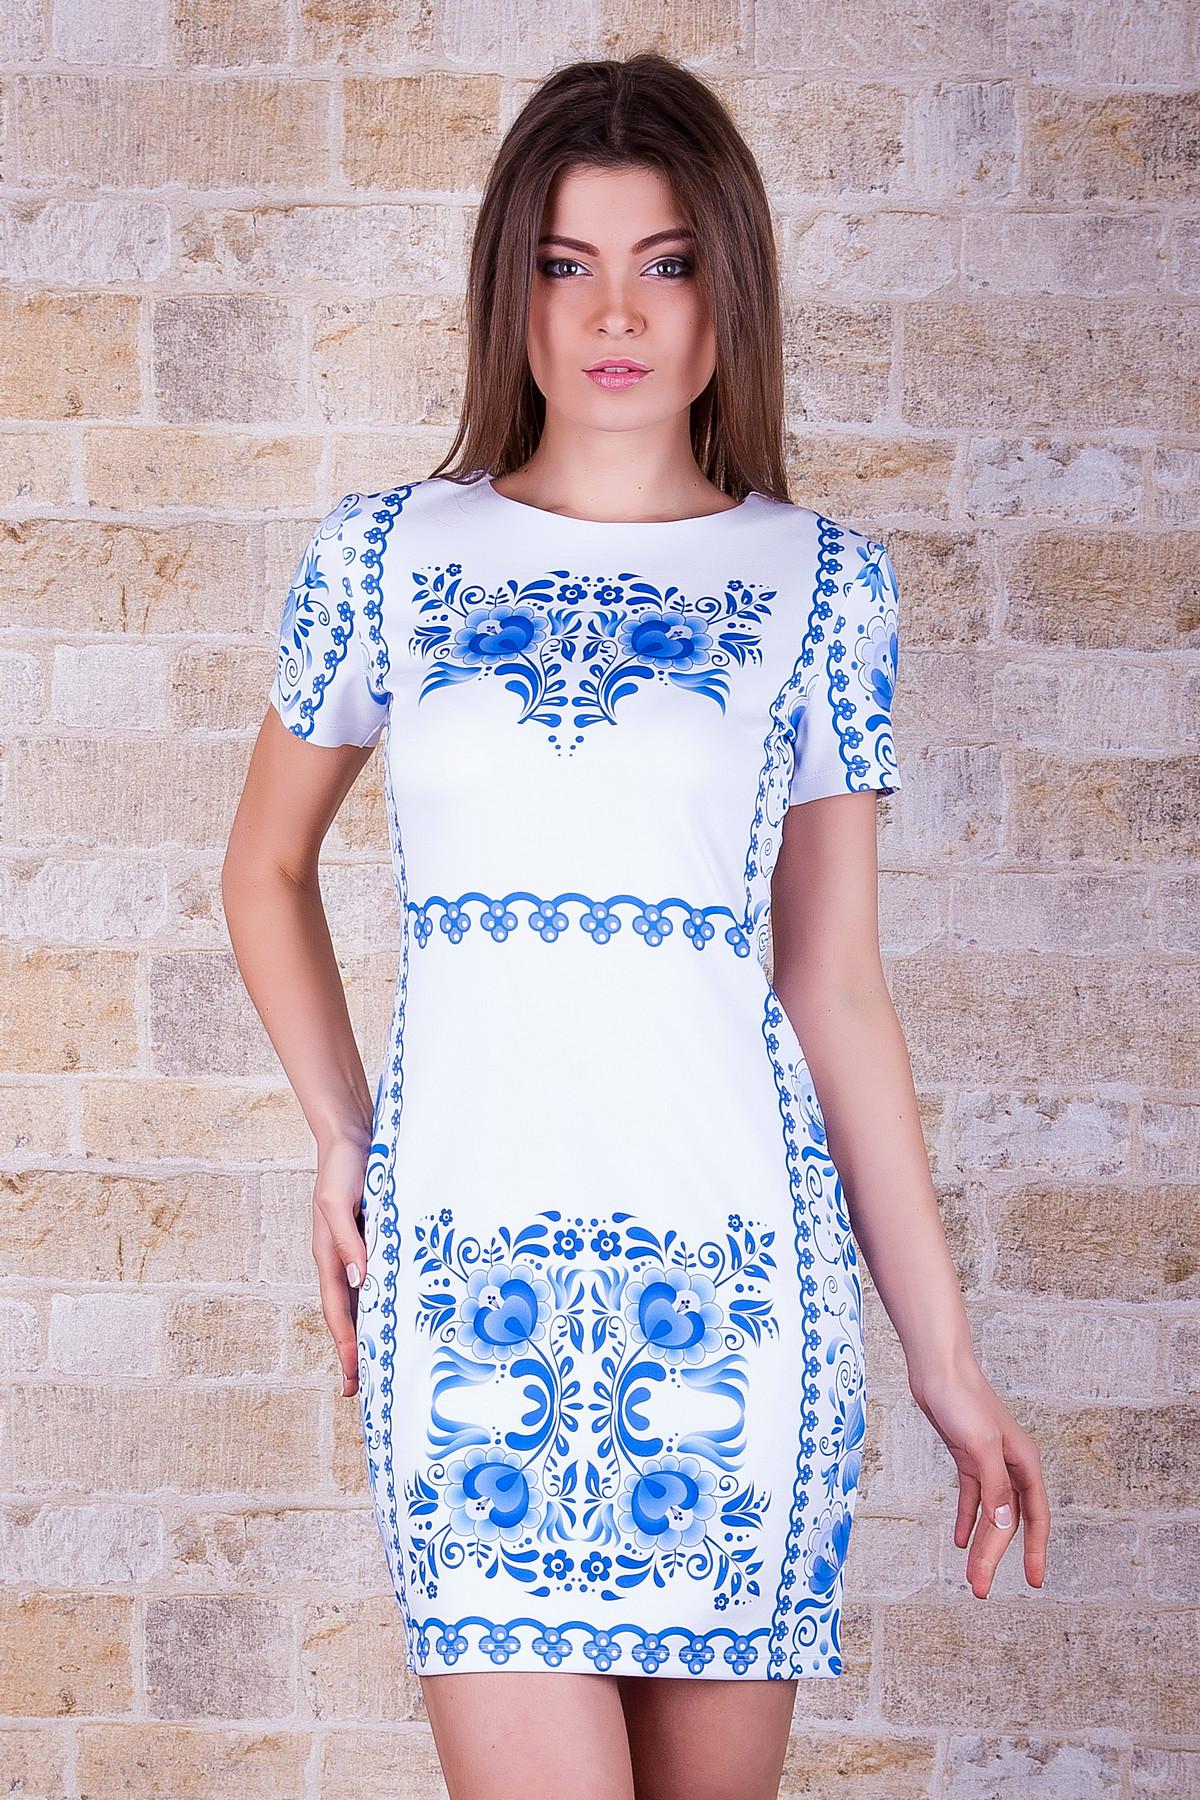 072f48b03a0b9 Гжель платье Лея-1 к/р. Цвет: принт - купить оптом и в розницу в Украине